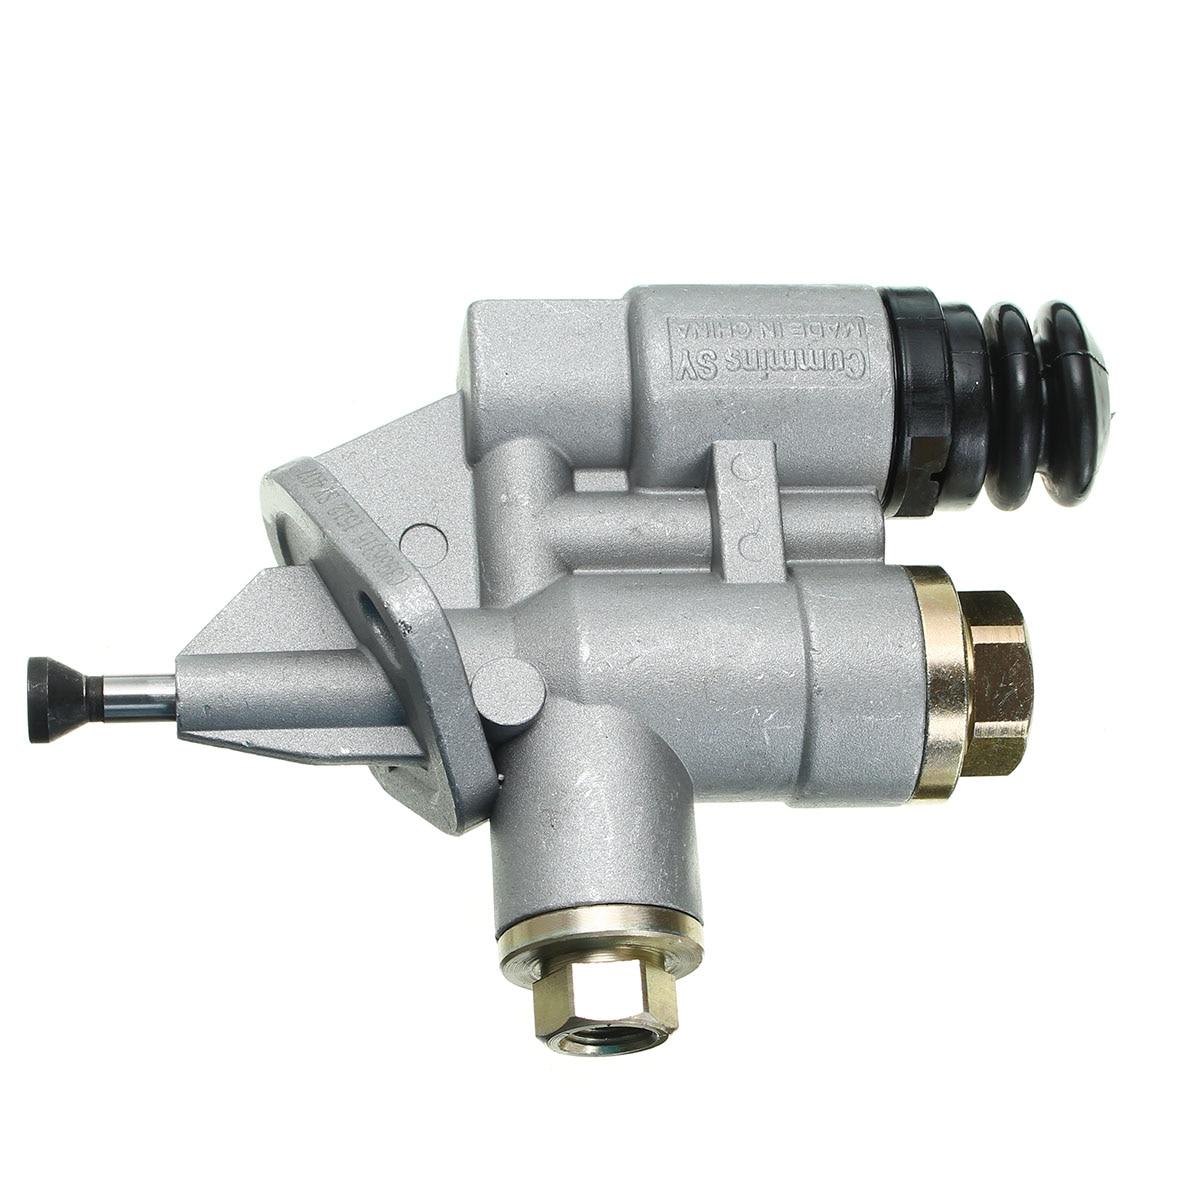 New Diesel Fuel Lift Pump 3936316 For Dodge RAM Pickup Cummins 5.9L 6BT P7100